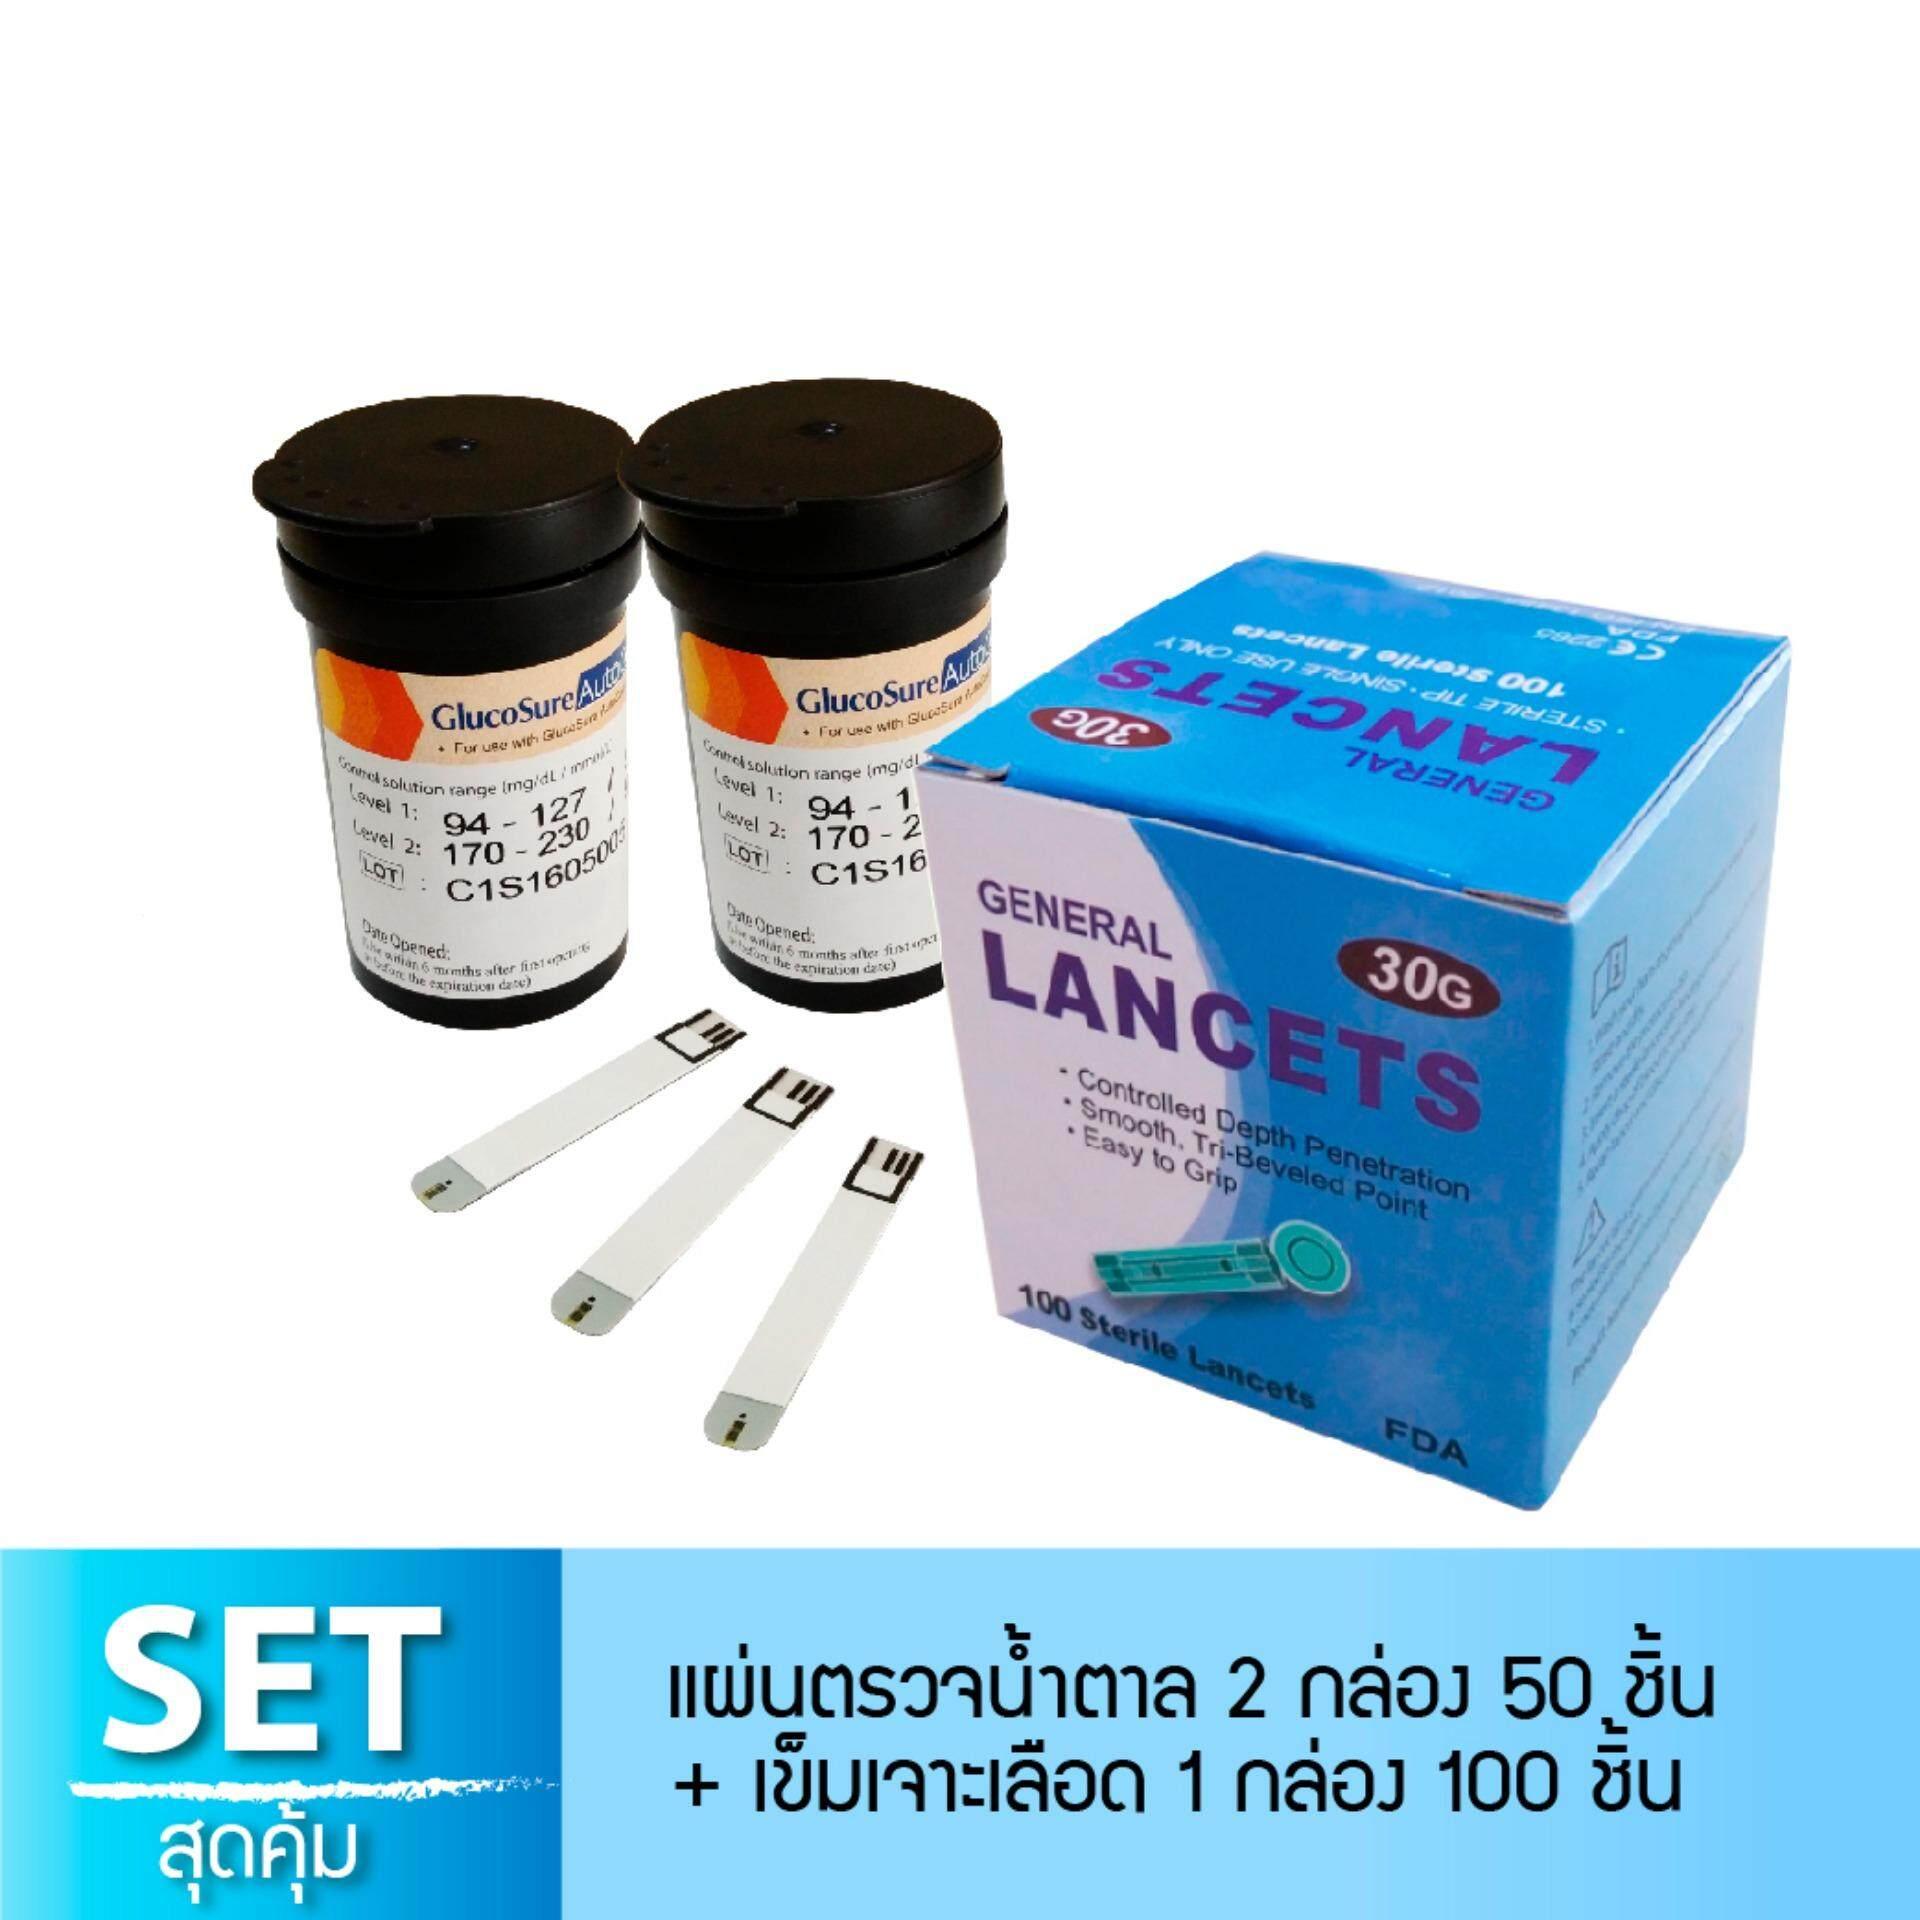 ทบทวน ที่สุด Glucosure Autocode Test Strip แผ่นตรวจน้ำตาลในเลือด 2 กล่อง 25 ชิ้น กล่อง เข็มเจาะเลือด 100 ชิ้น